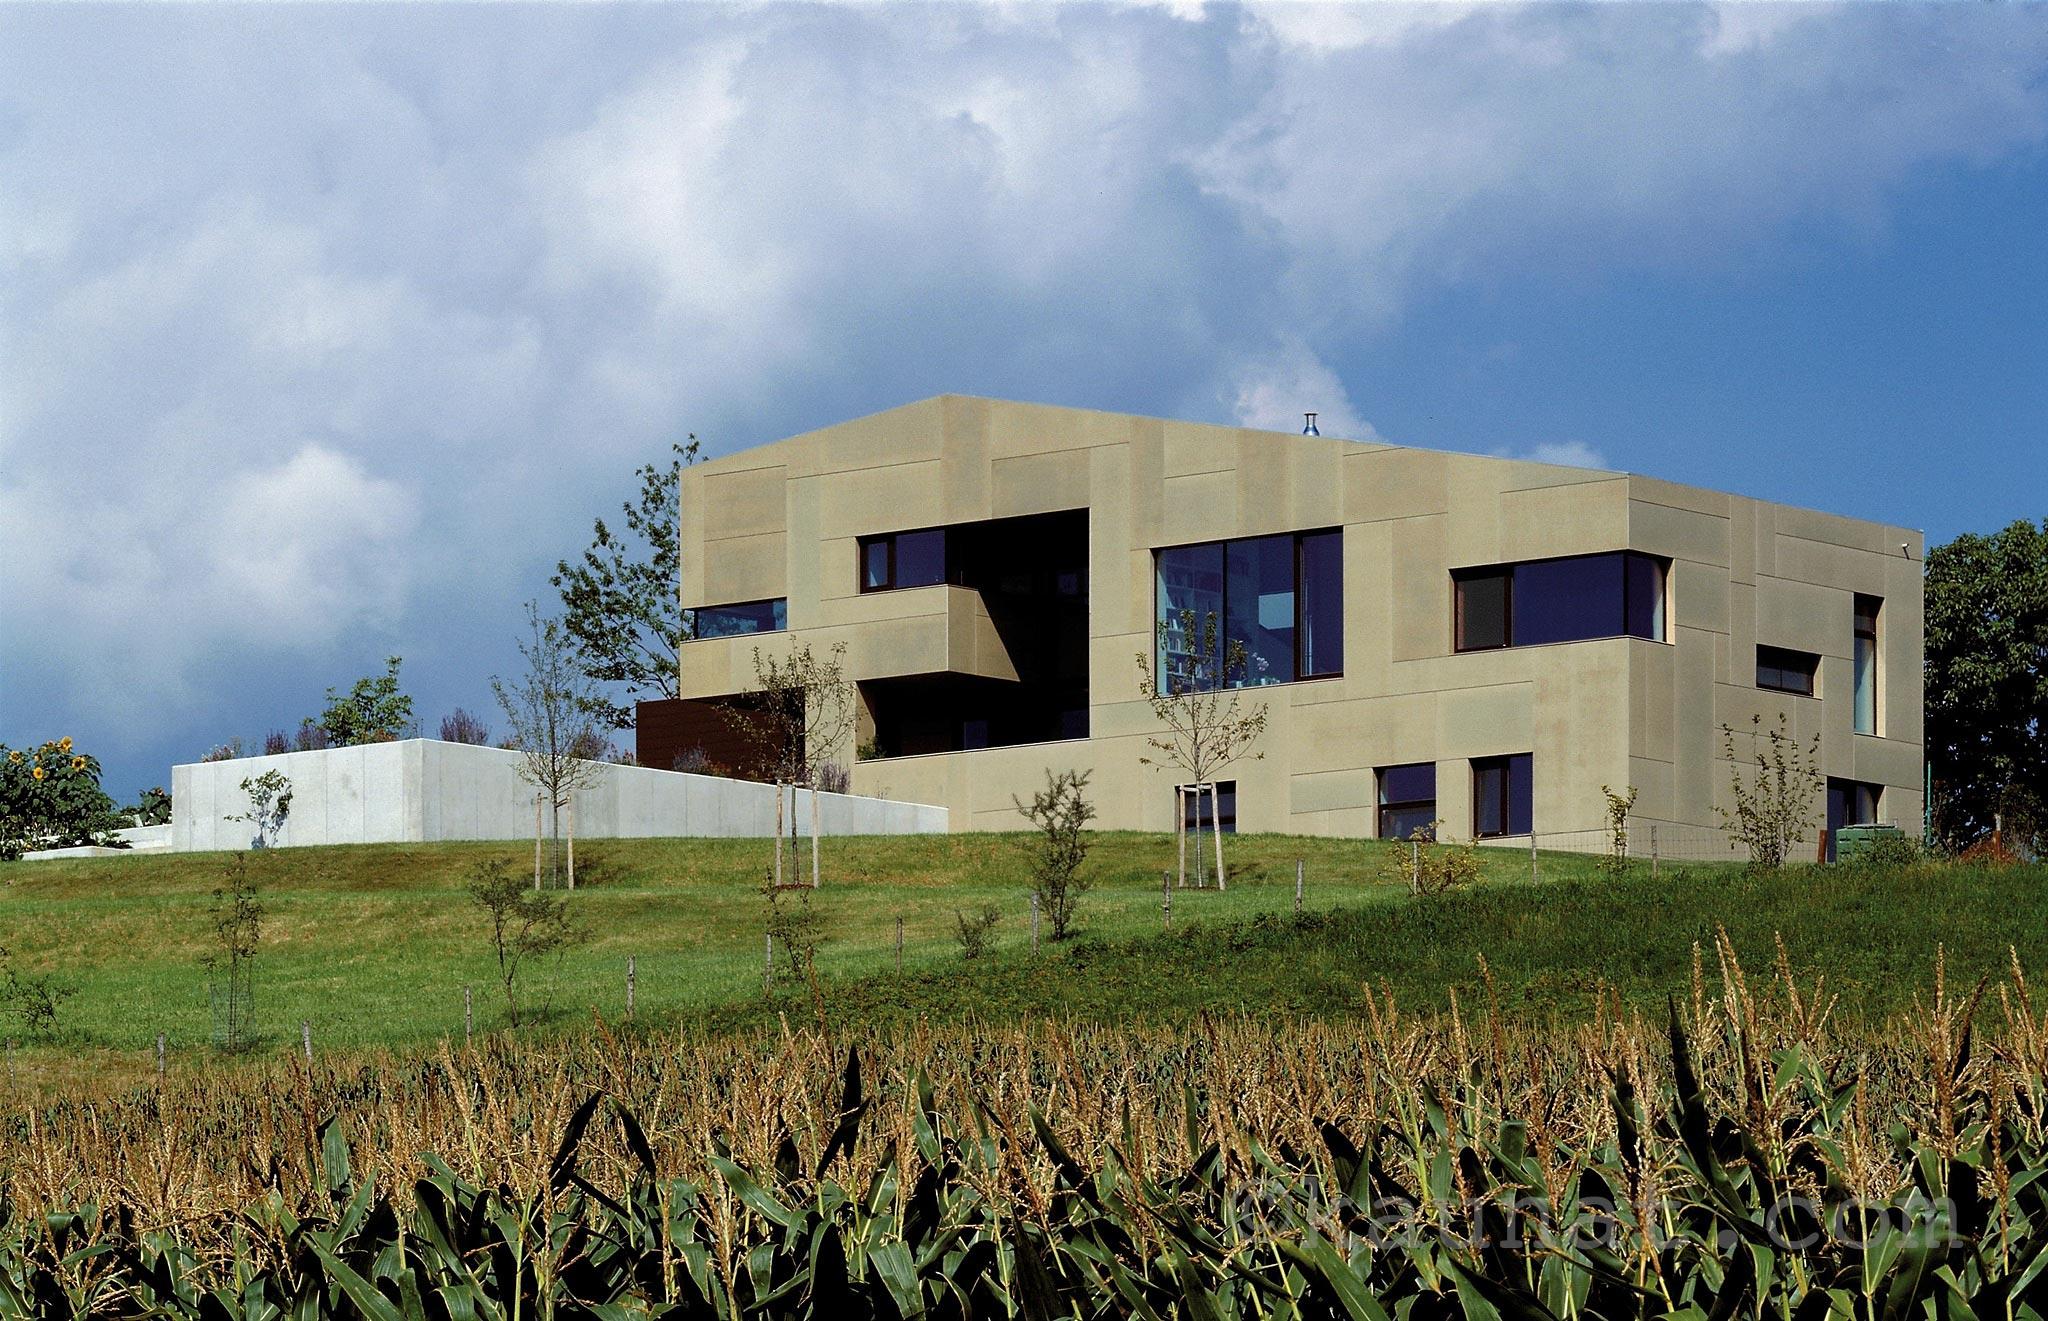 Angelo kaunat architektur fotografie for Moderne haus galerie